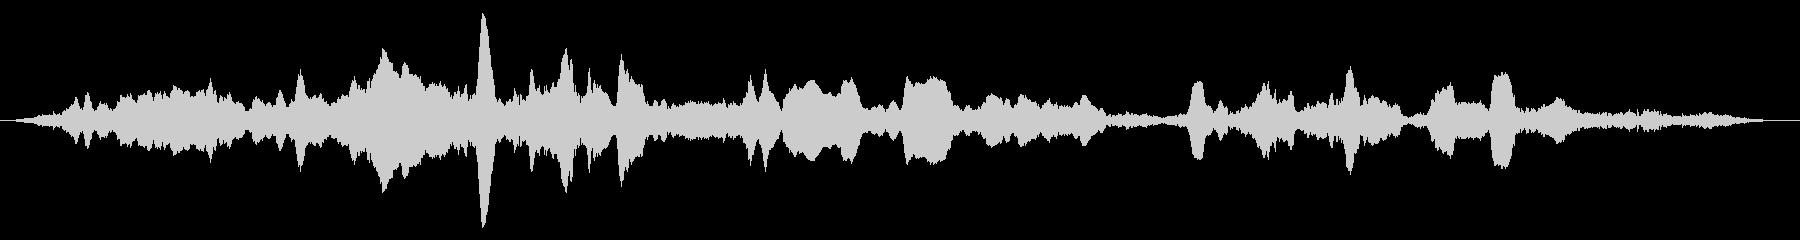 Viola:A String、Ha...の未再生の波形